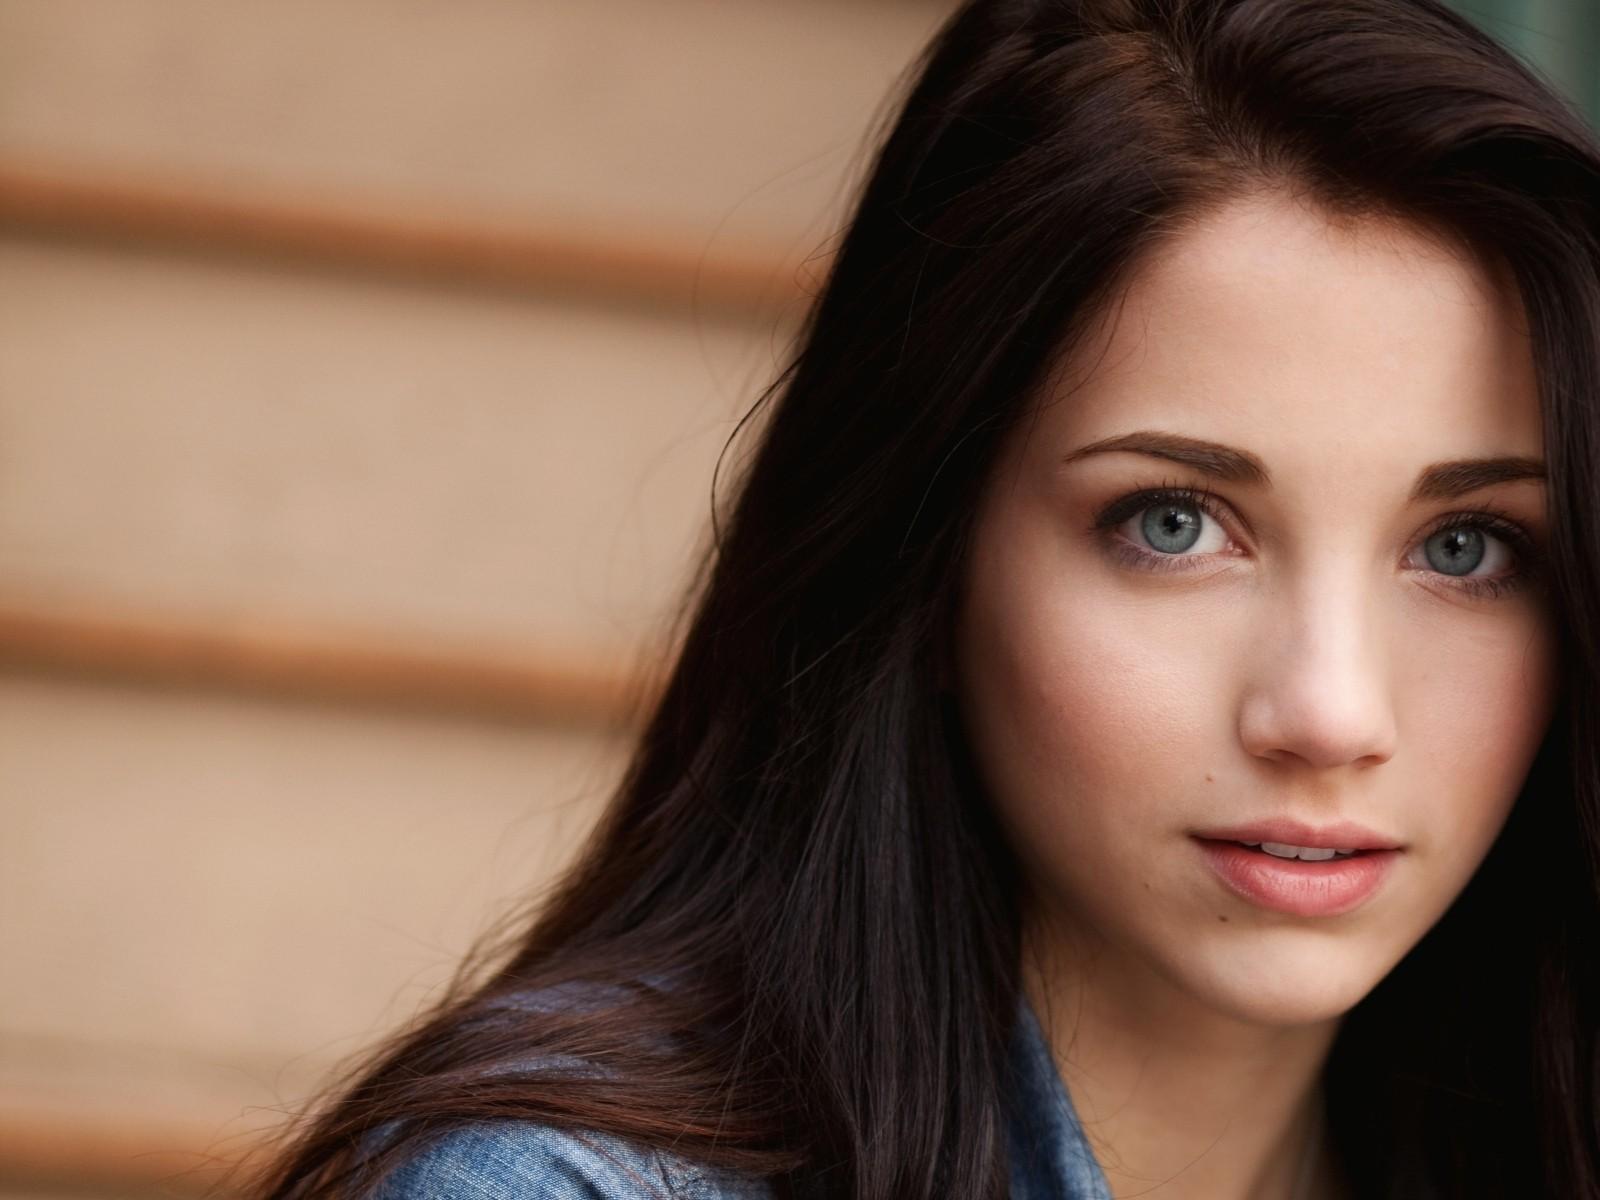 Симпатичная девушка с красивой жопой 24 фотография